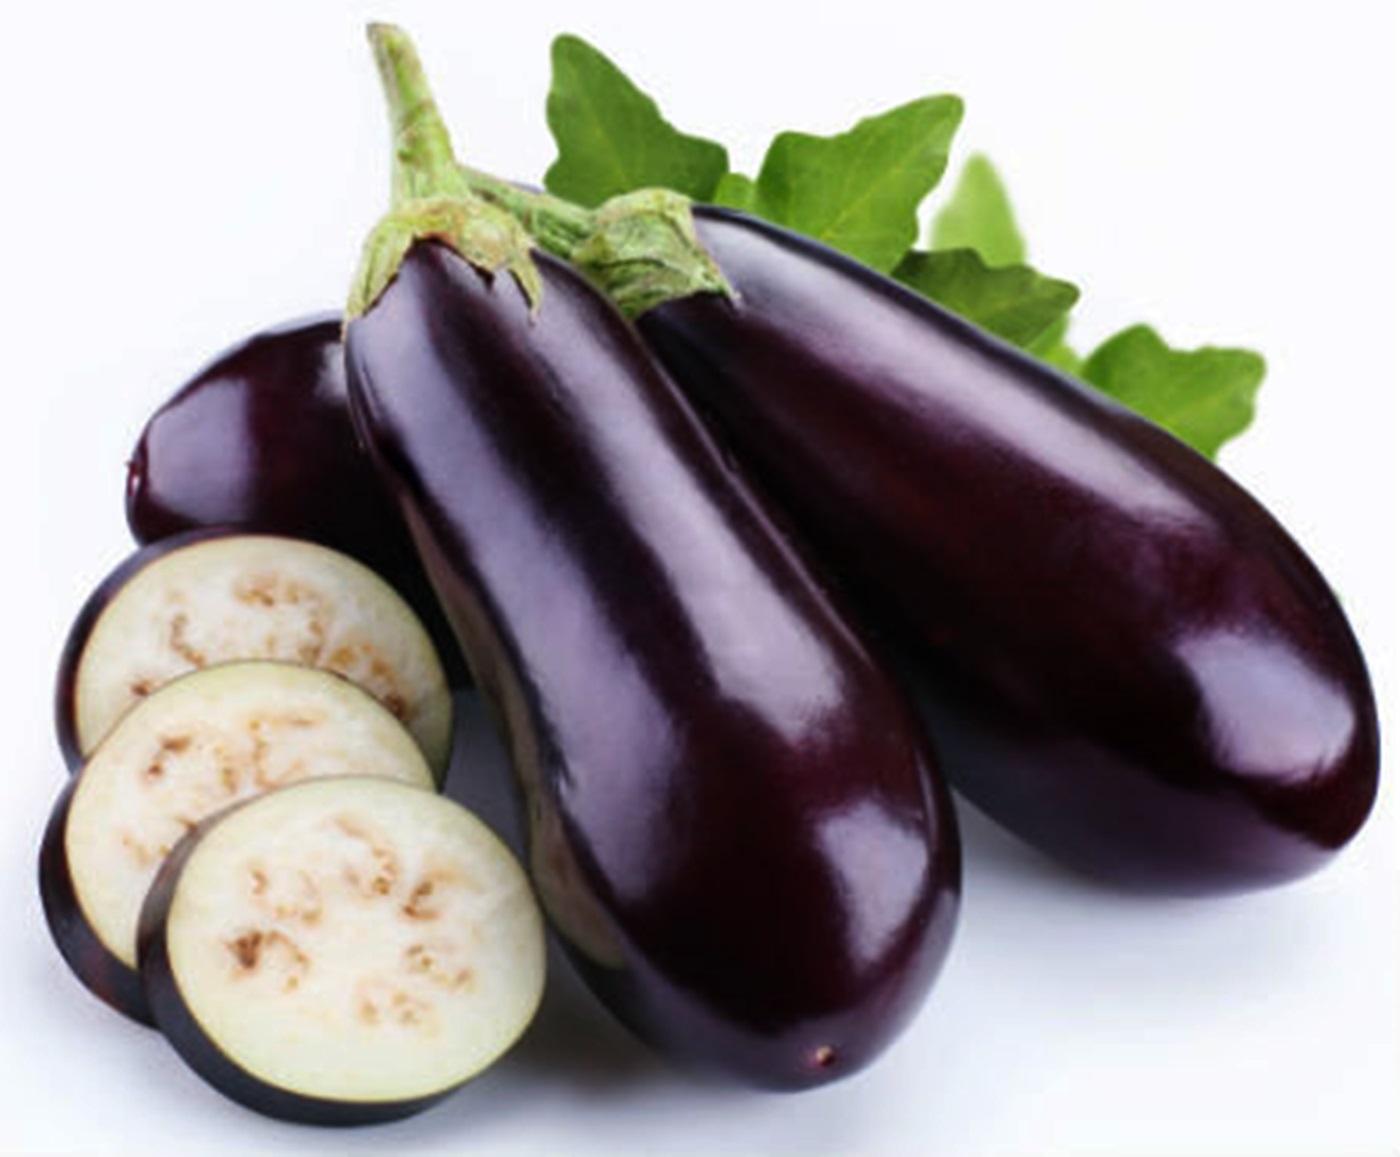 Hasil gambar untuk manfaat sayur terong untuk kesehatan